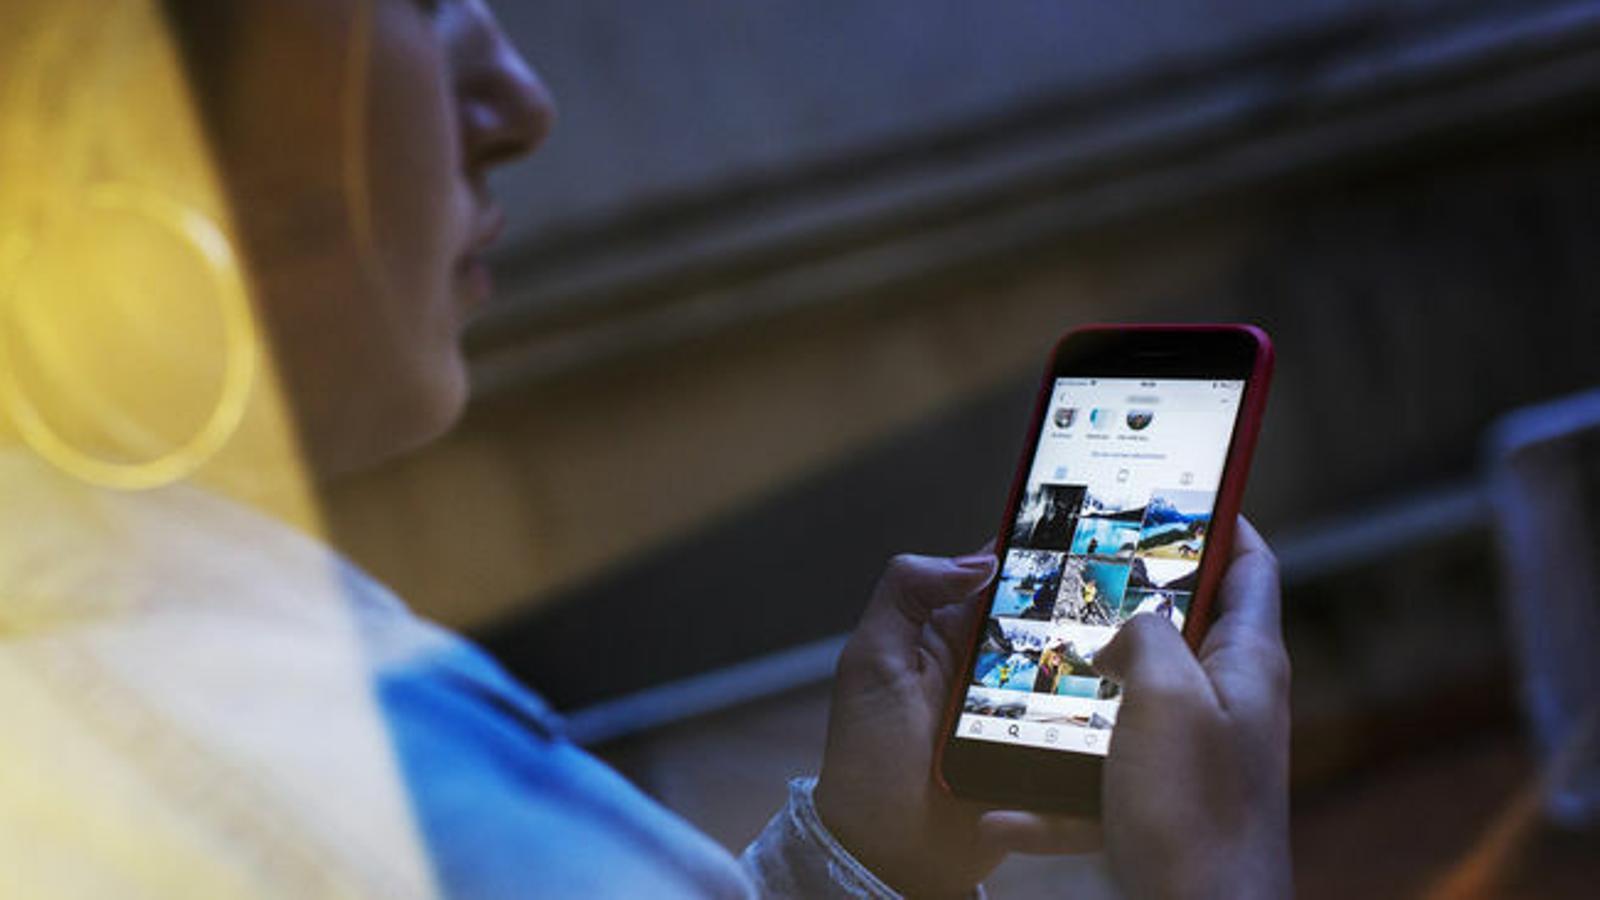 Instagram permetrà fer compres a través de l'aplicació